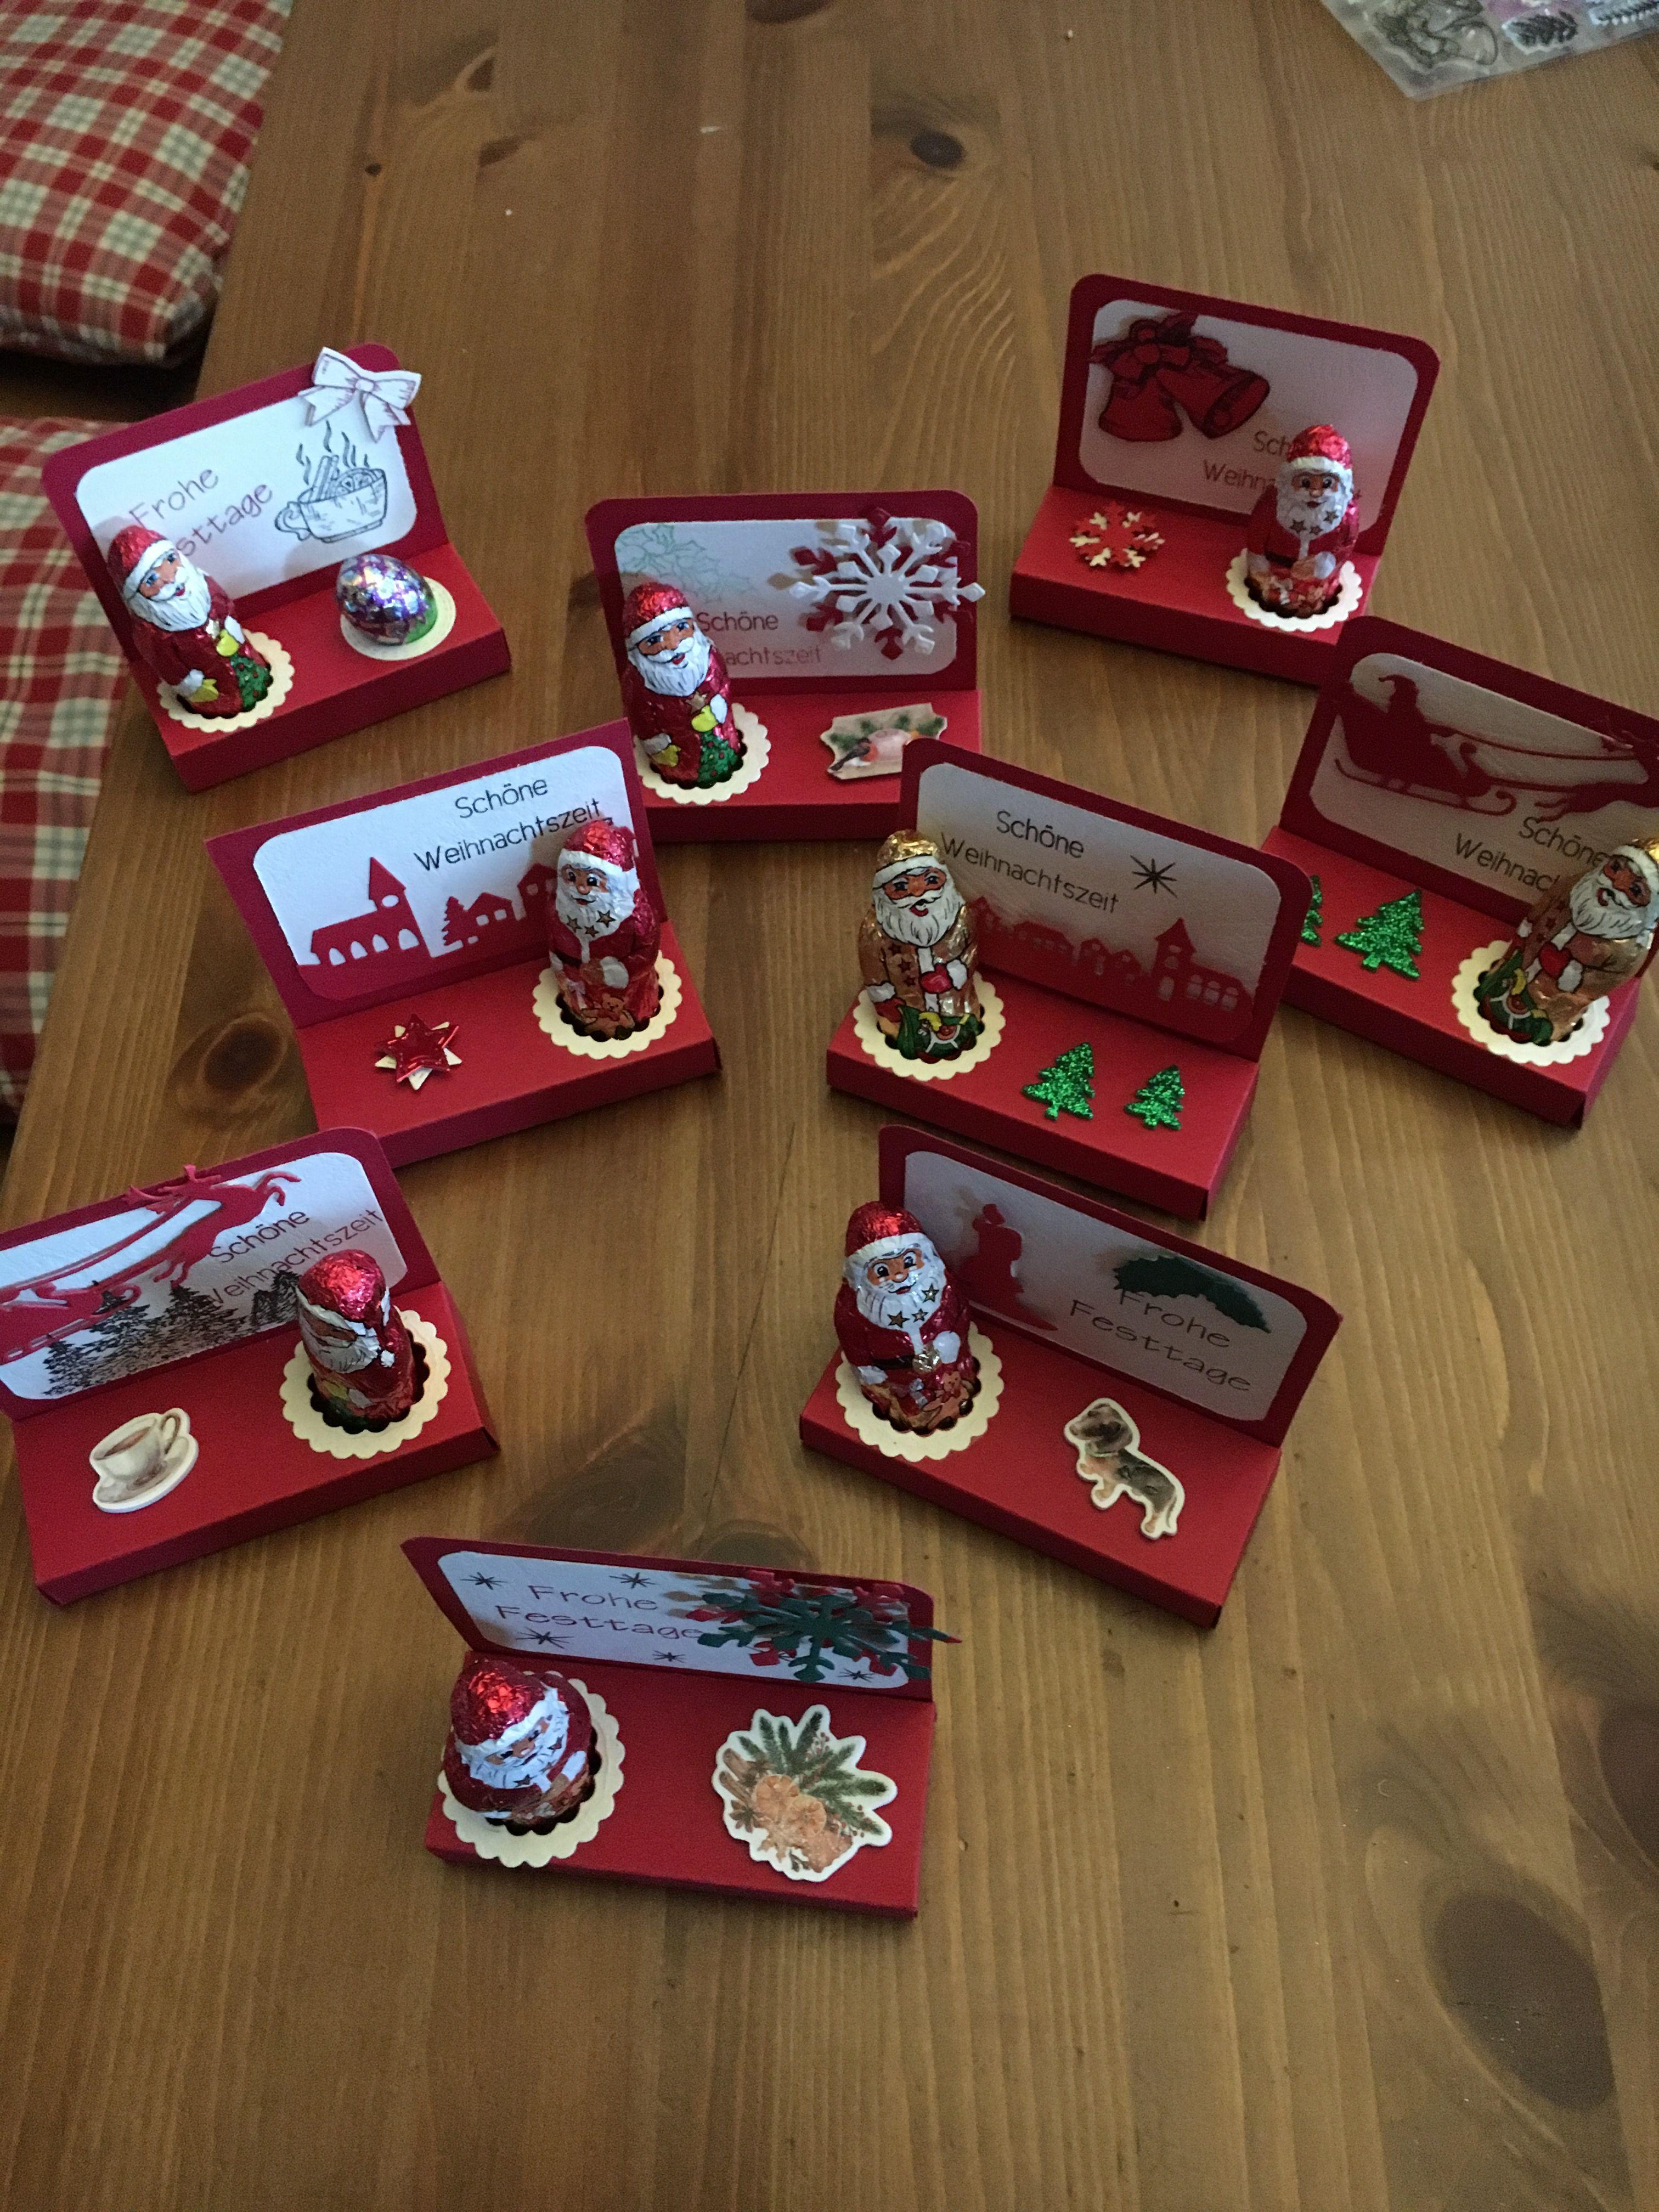 #Stampinupschachtel #Mitbringsel #kleinesdankeschön #Nikolaus #Nicholas #Santaclaus #Weihnachtsmann #fensterdekoweihnachtenbasteln